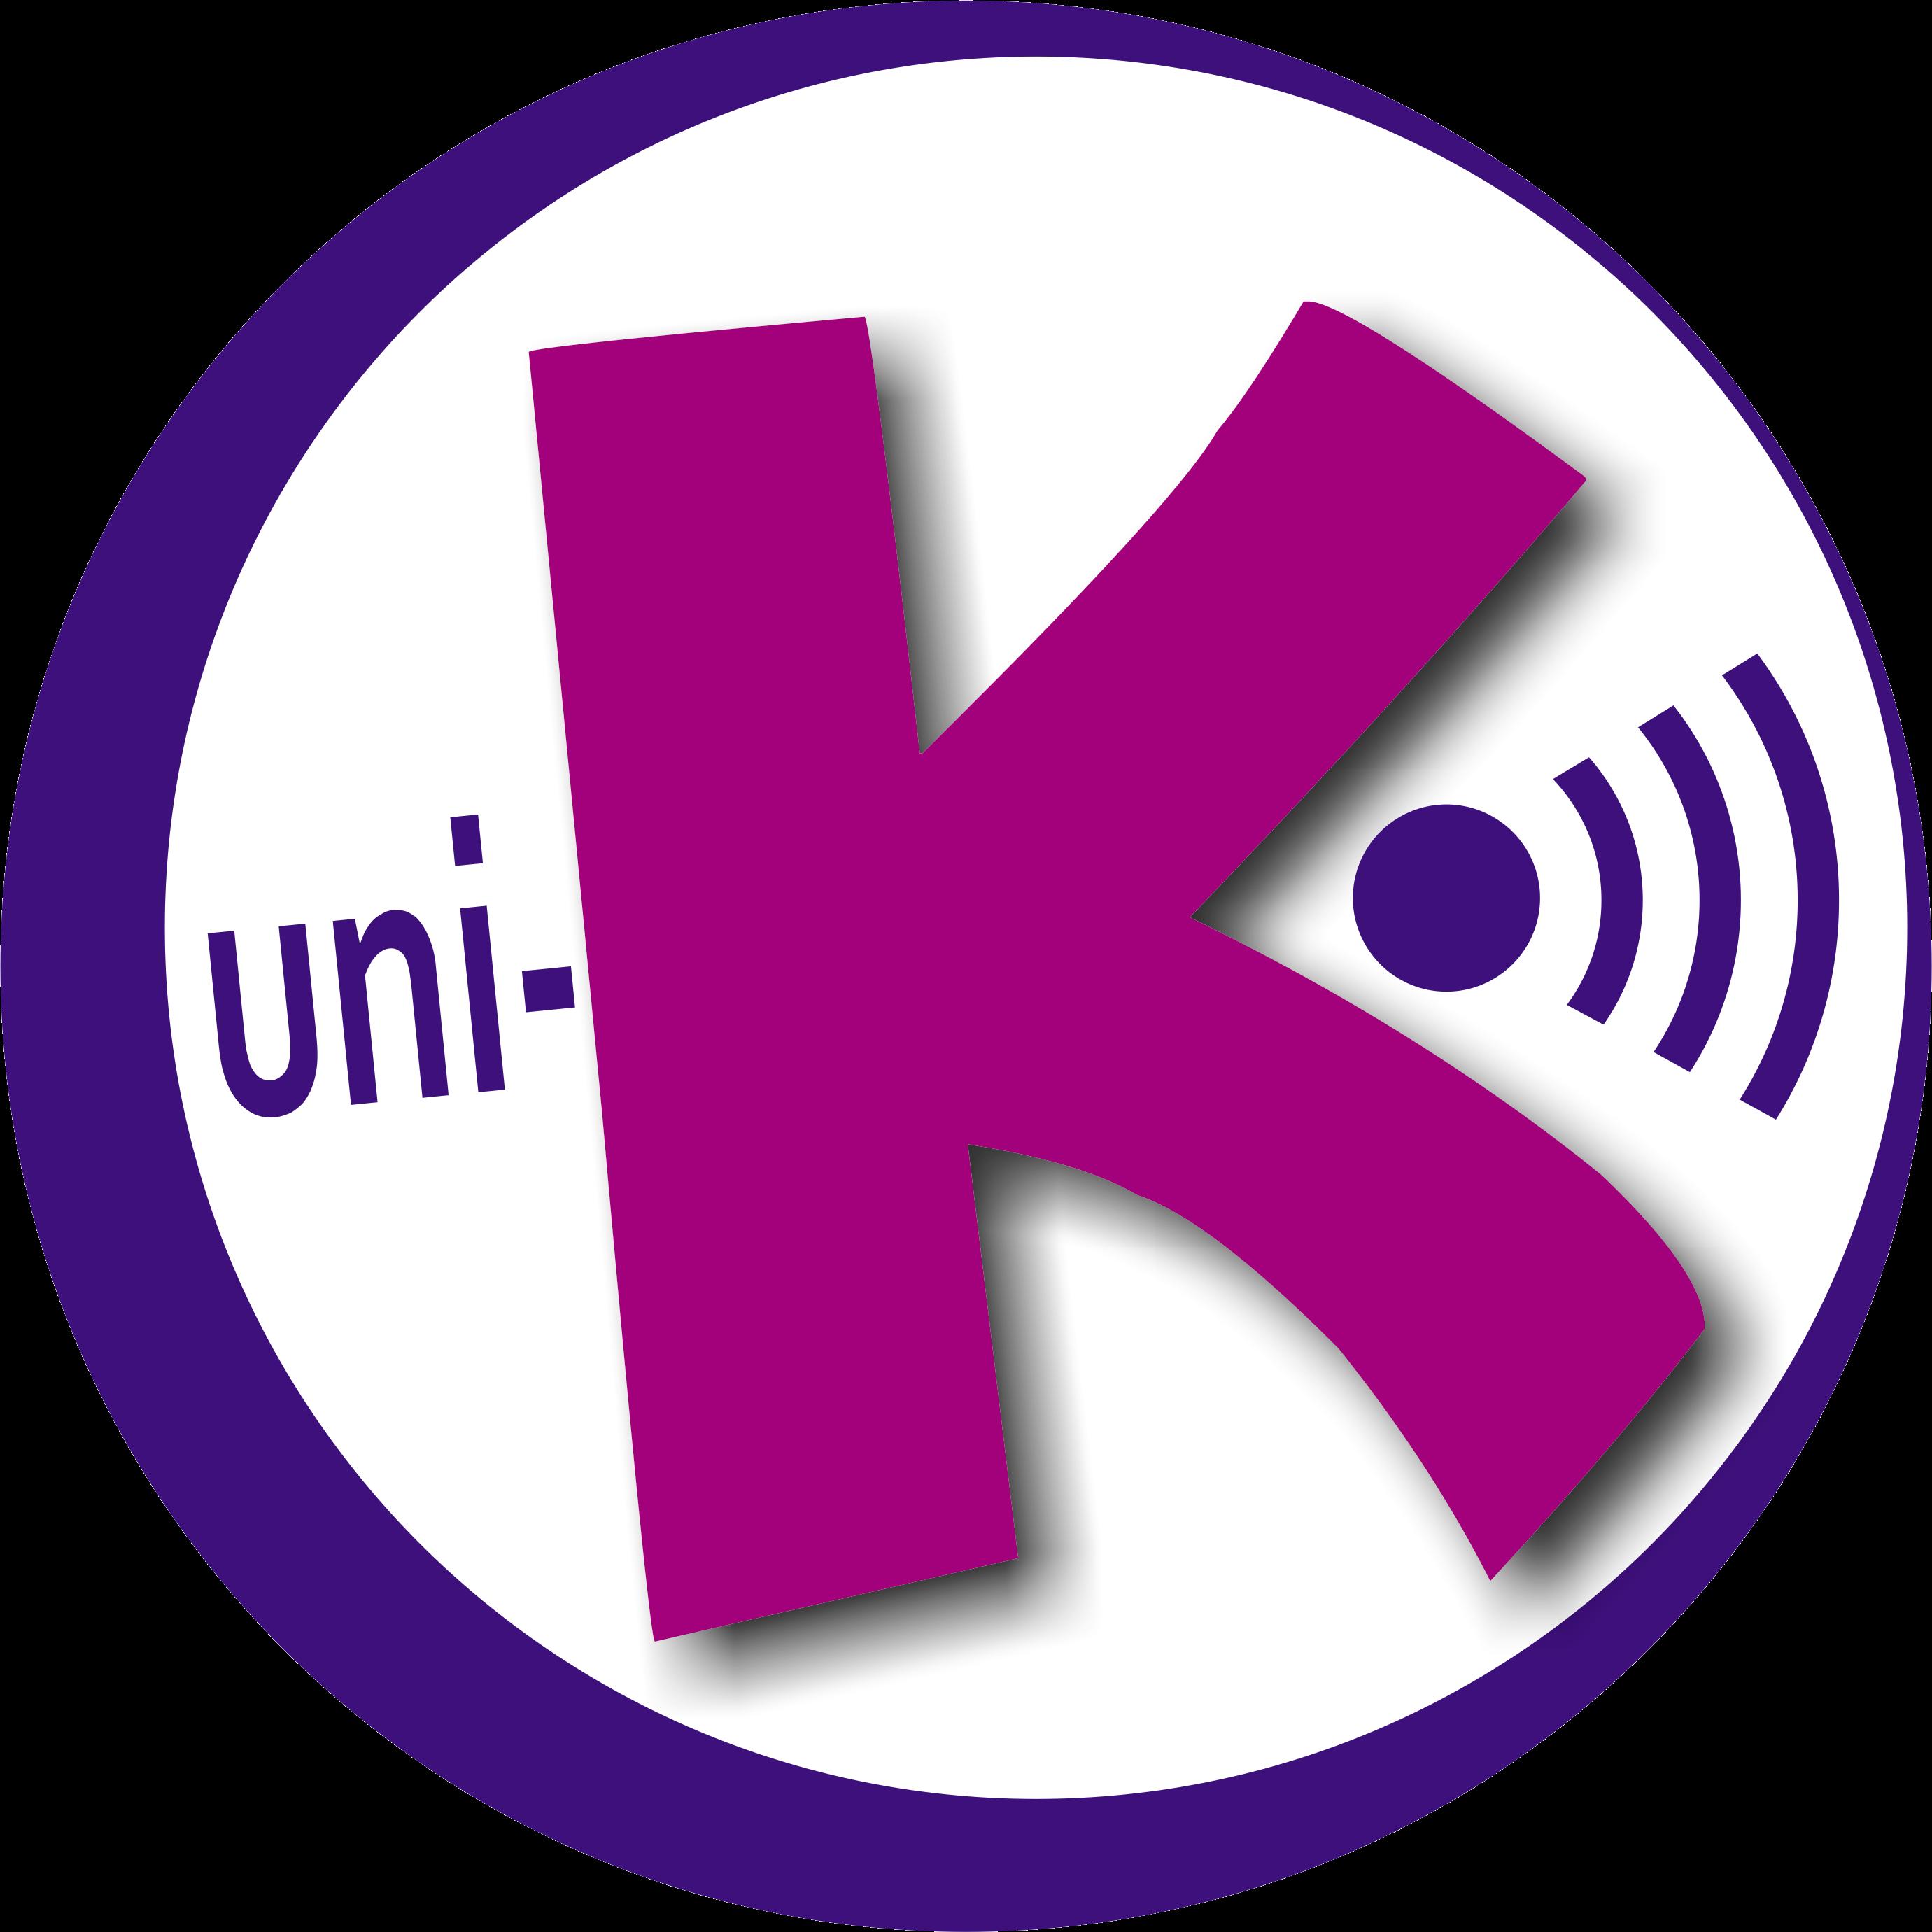 Radio La Unik